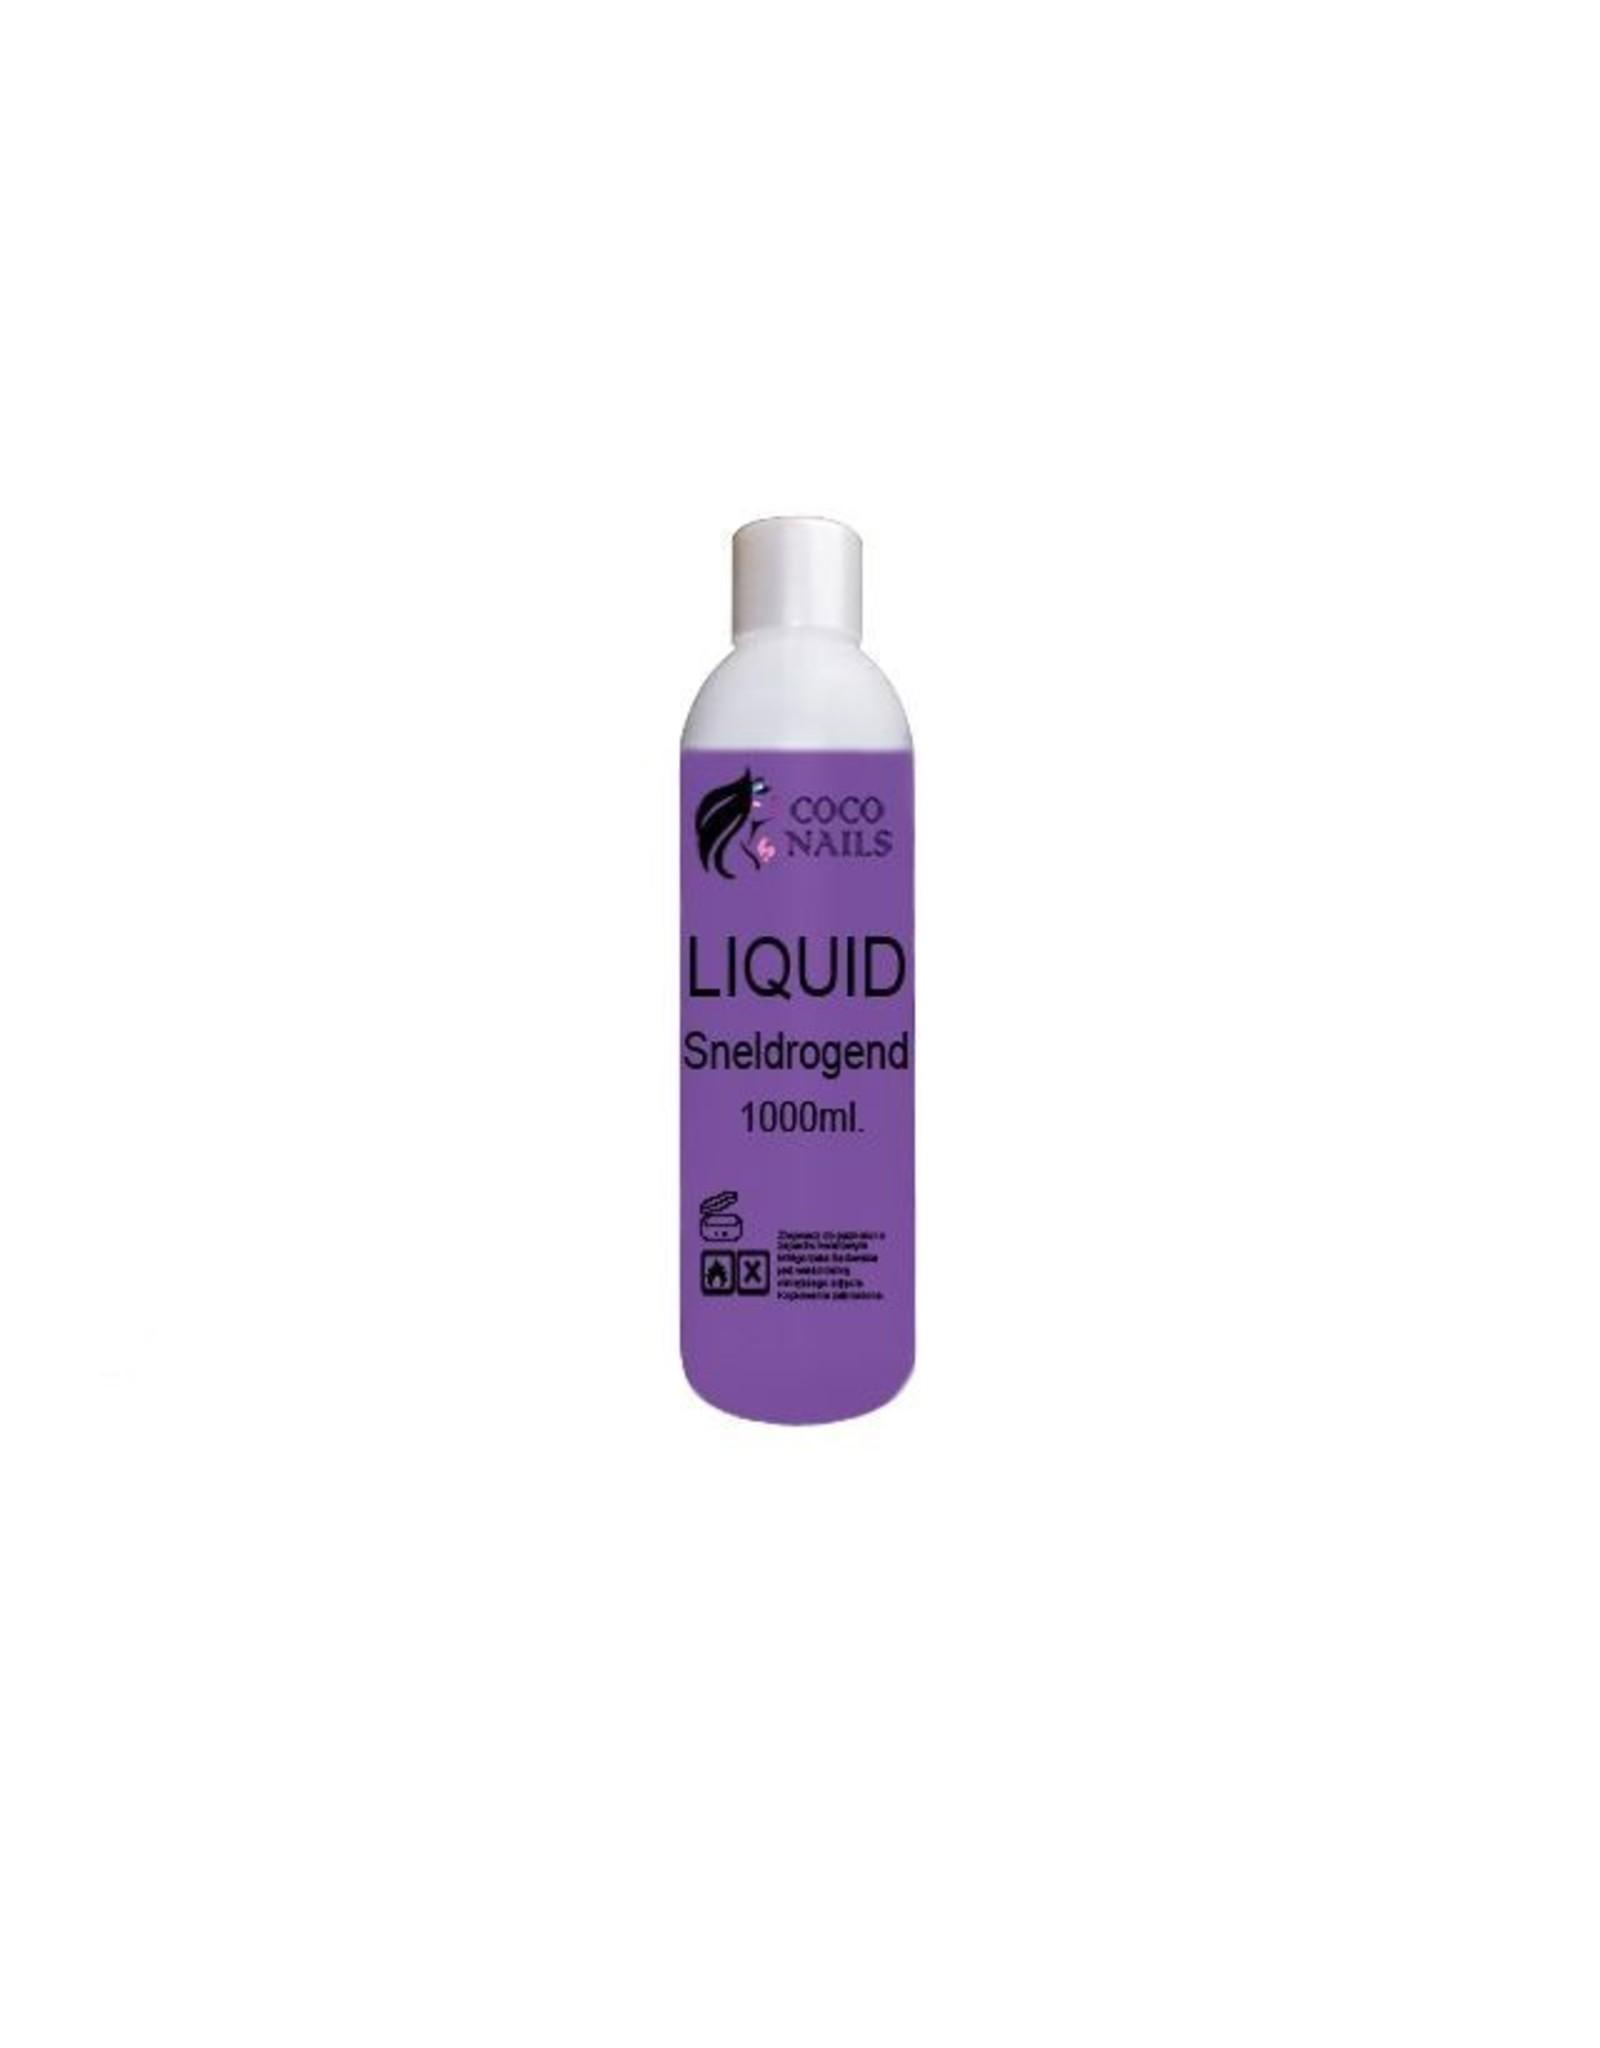 Coconails Acryl vloeistof (Liquid) Sneldrogend paars PRO 1000 ml